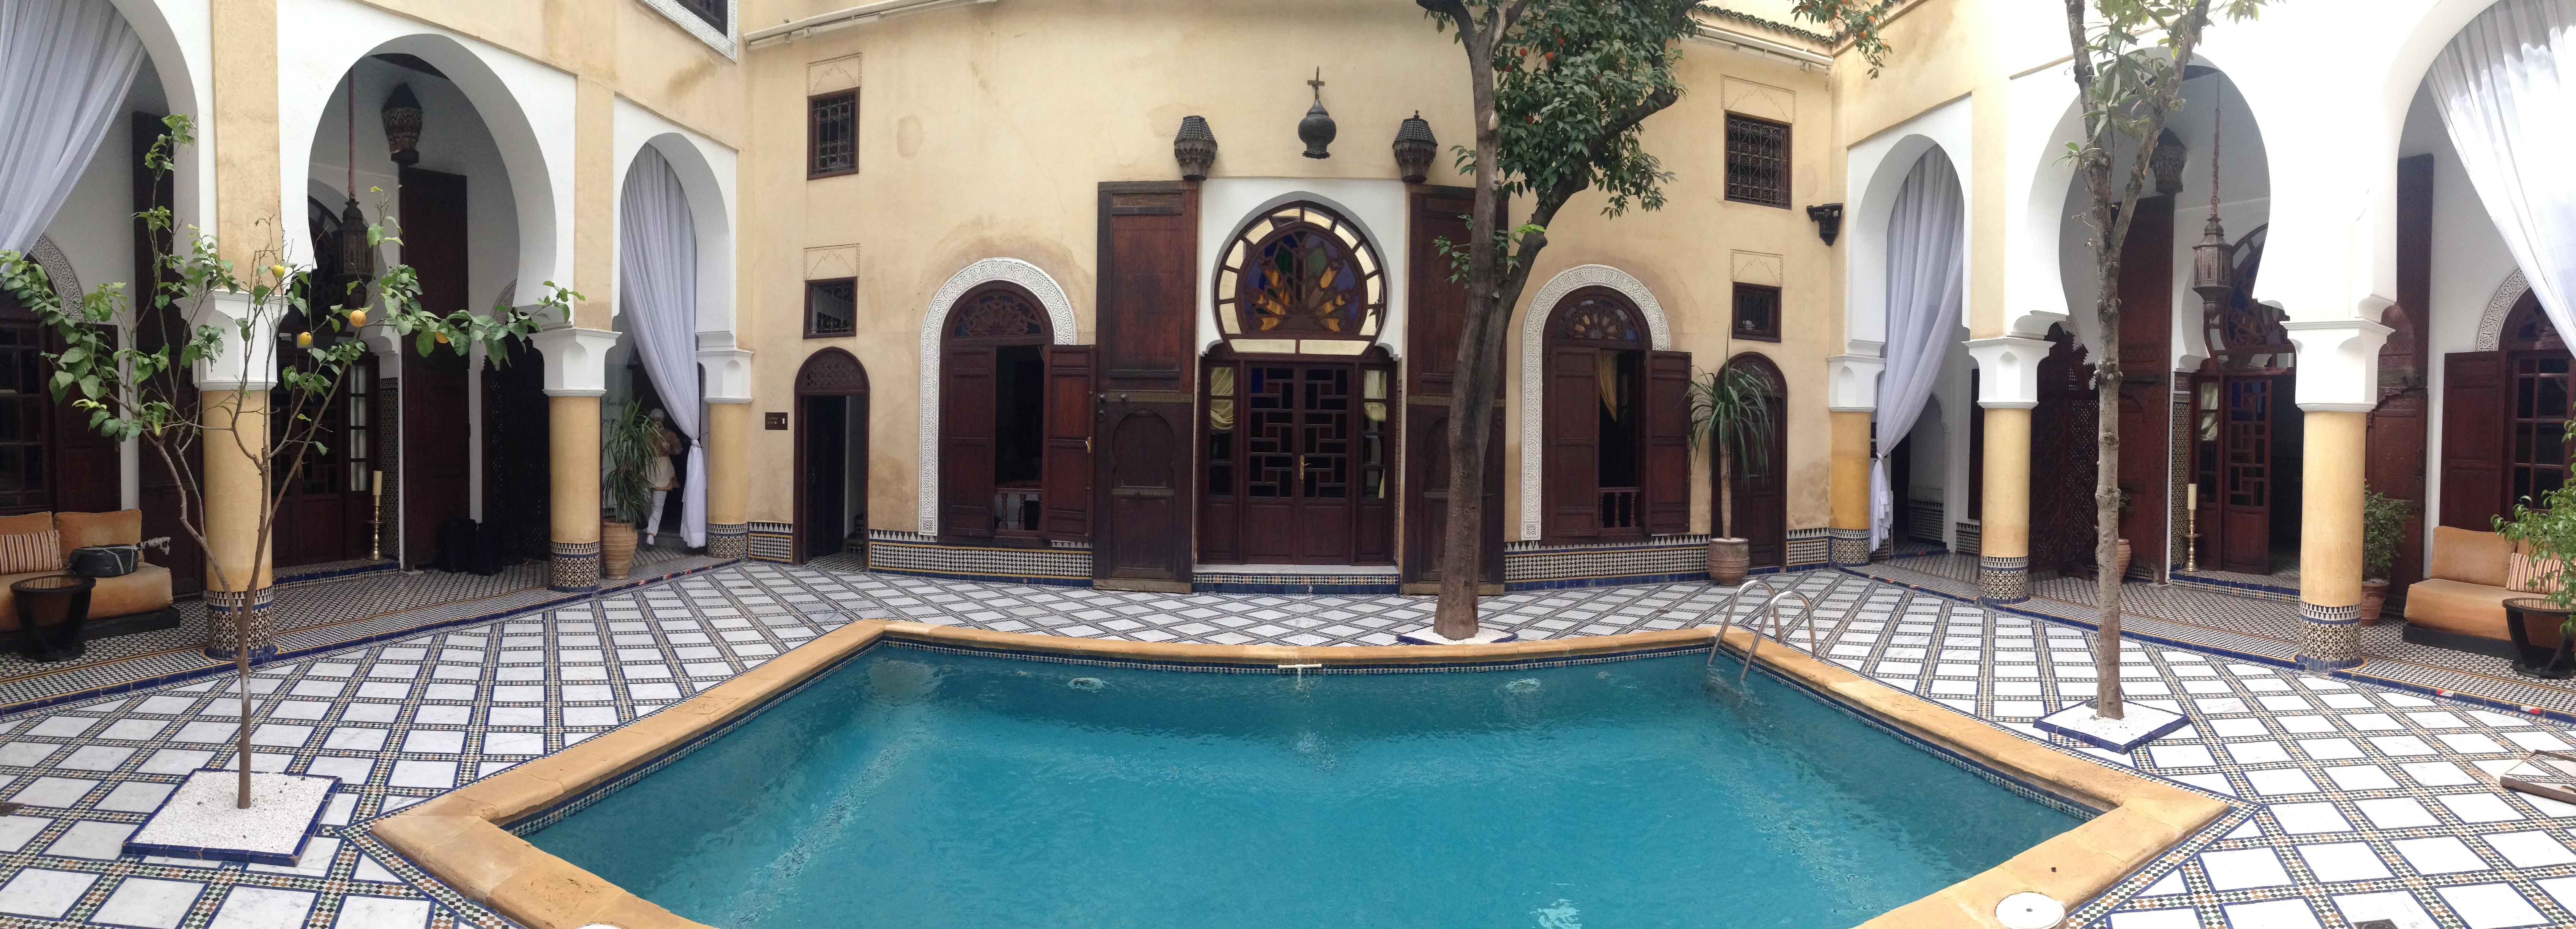 Fes Riad maison bleue Medina